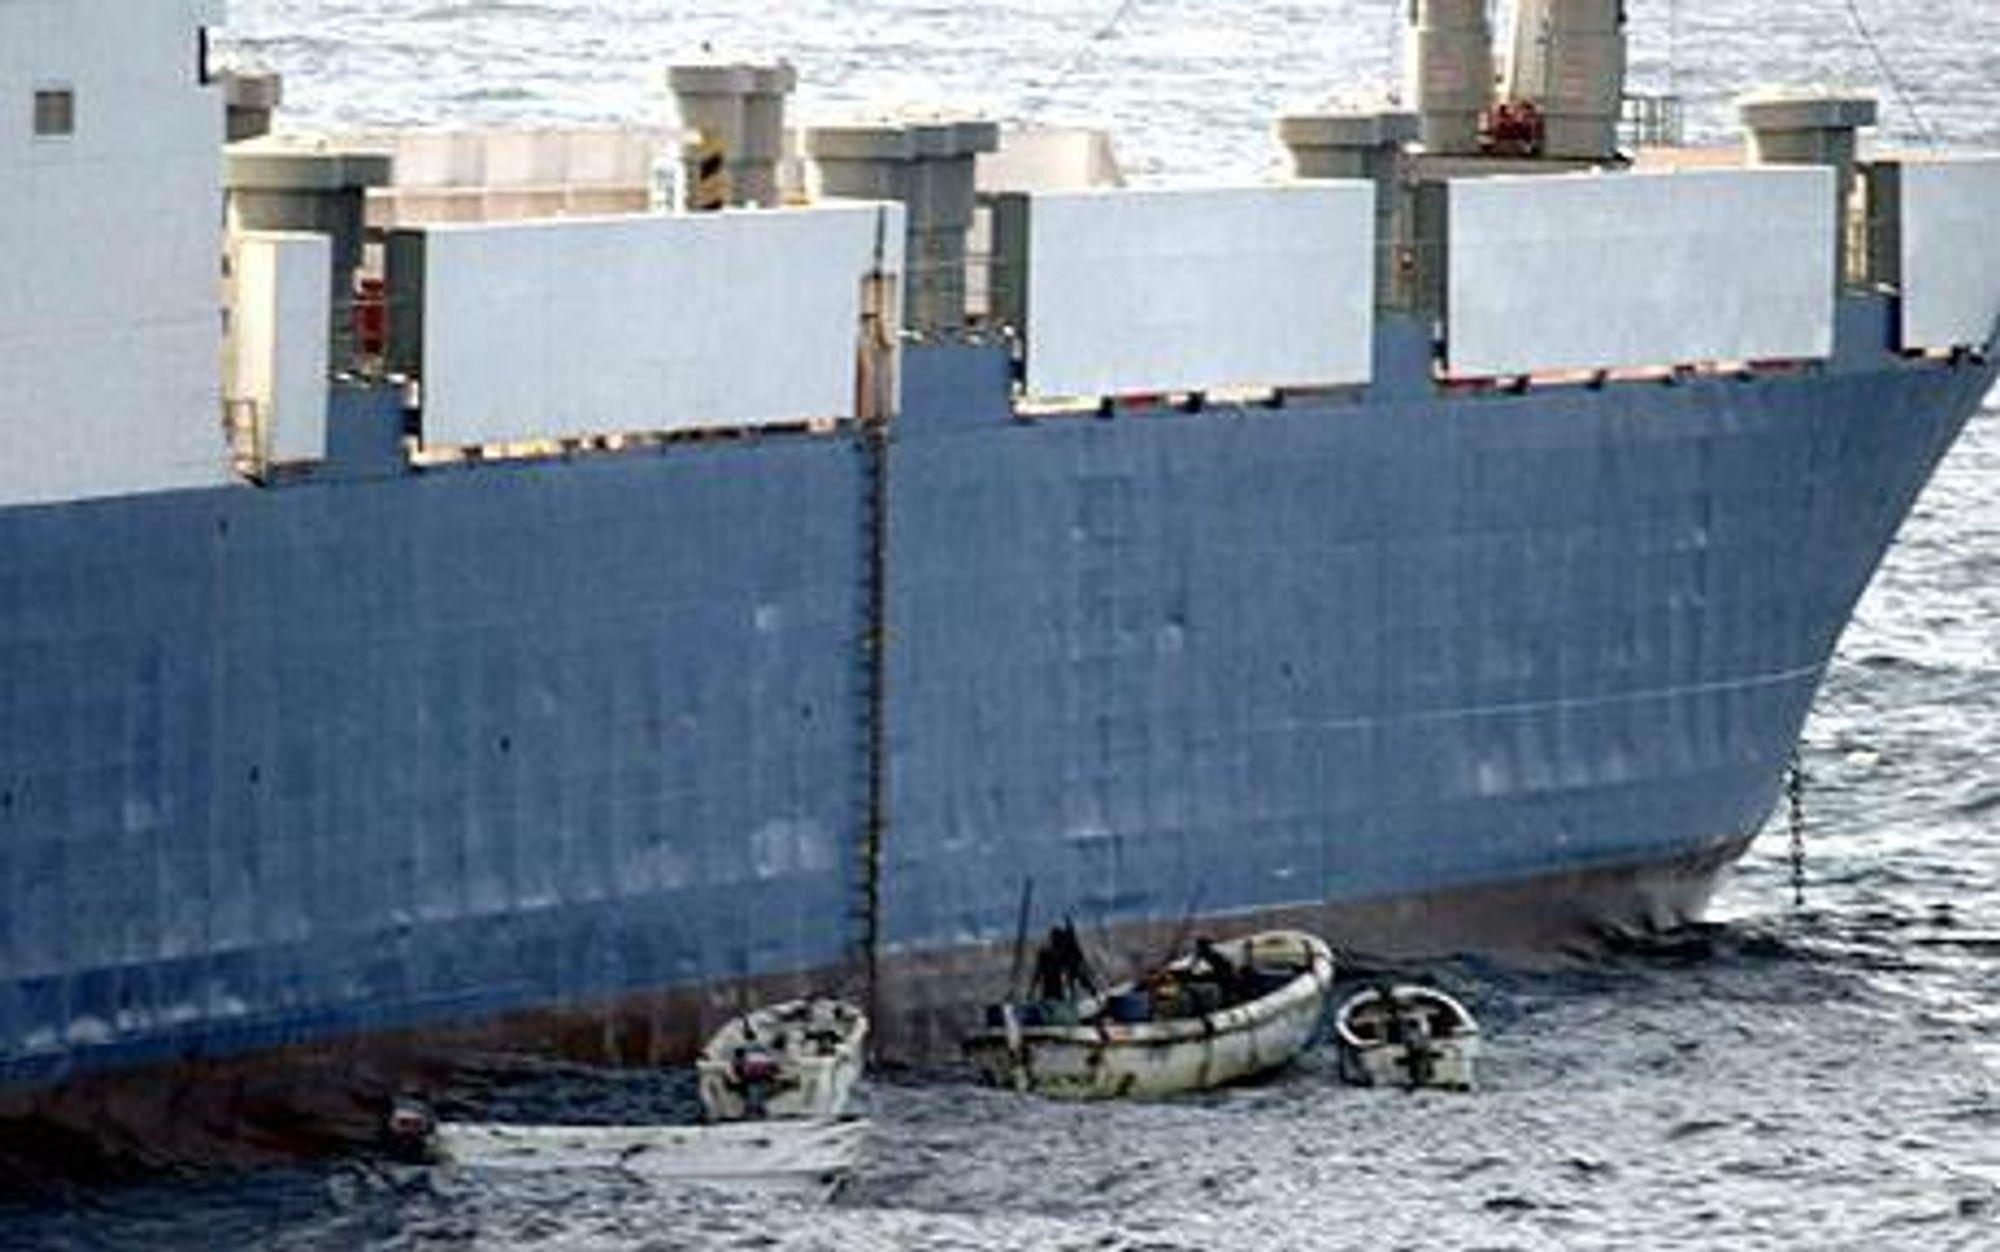 Pirater border et skip utenfor Somalia i fjor.